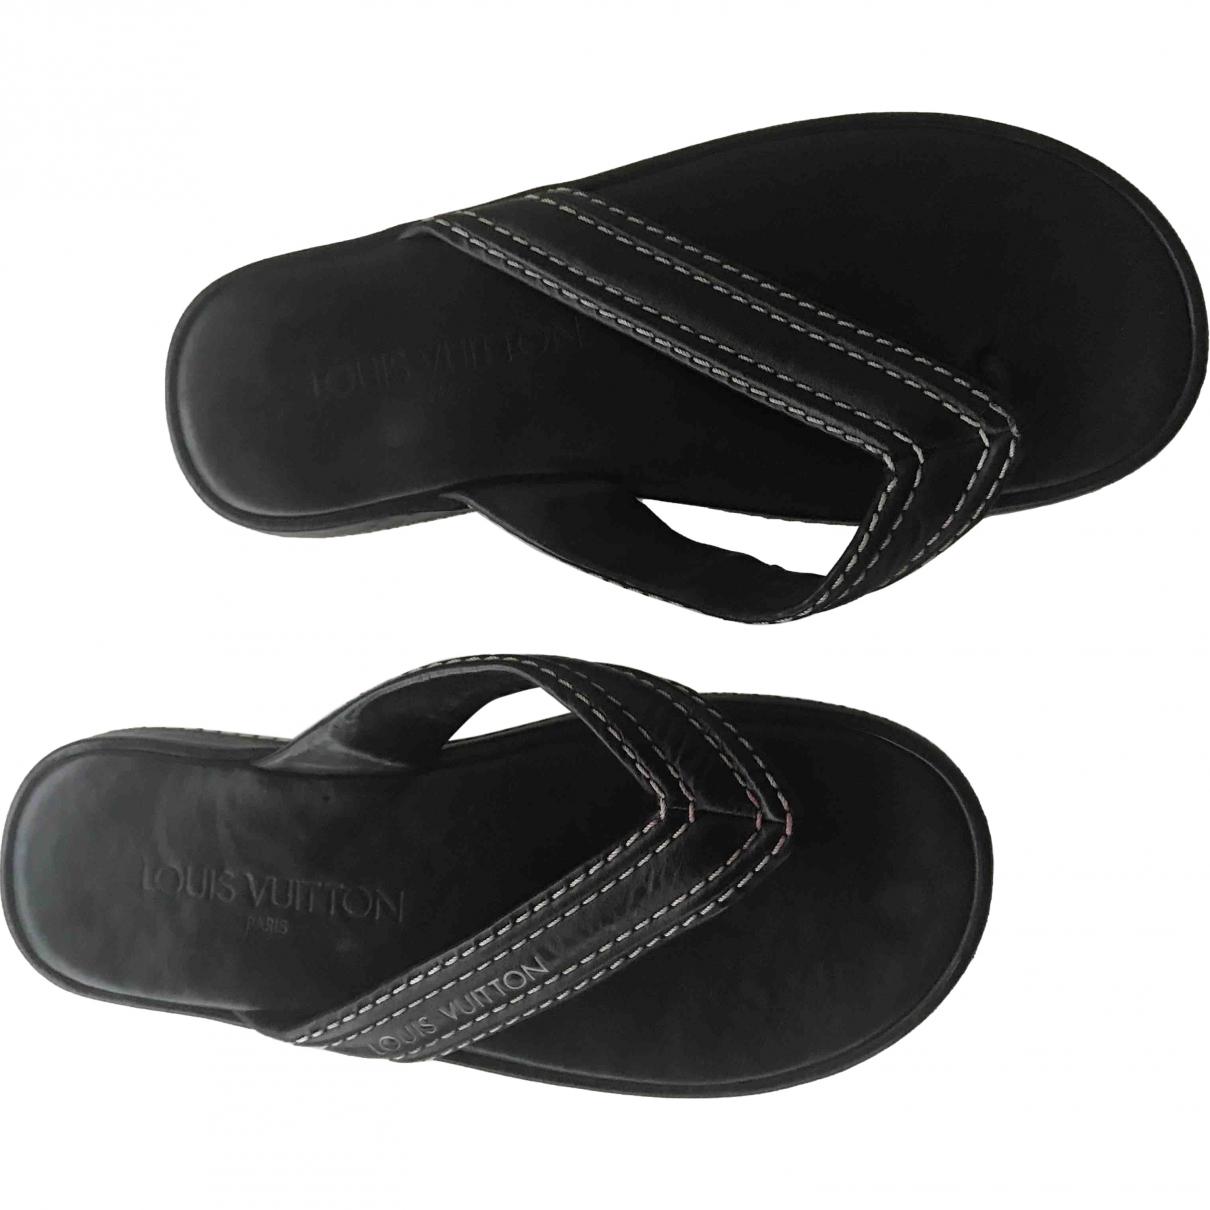 Louis Vuitton \N Black Leather Sandals for Women 36 EU